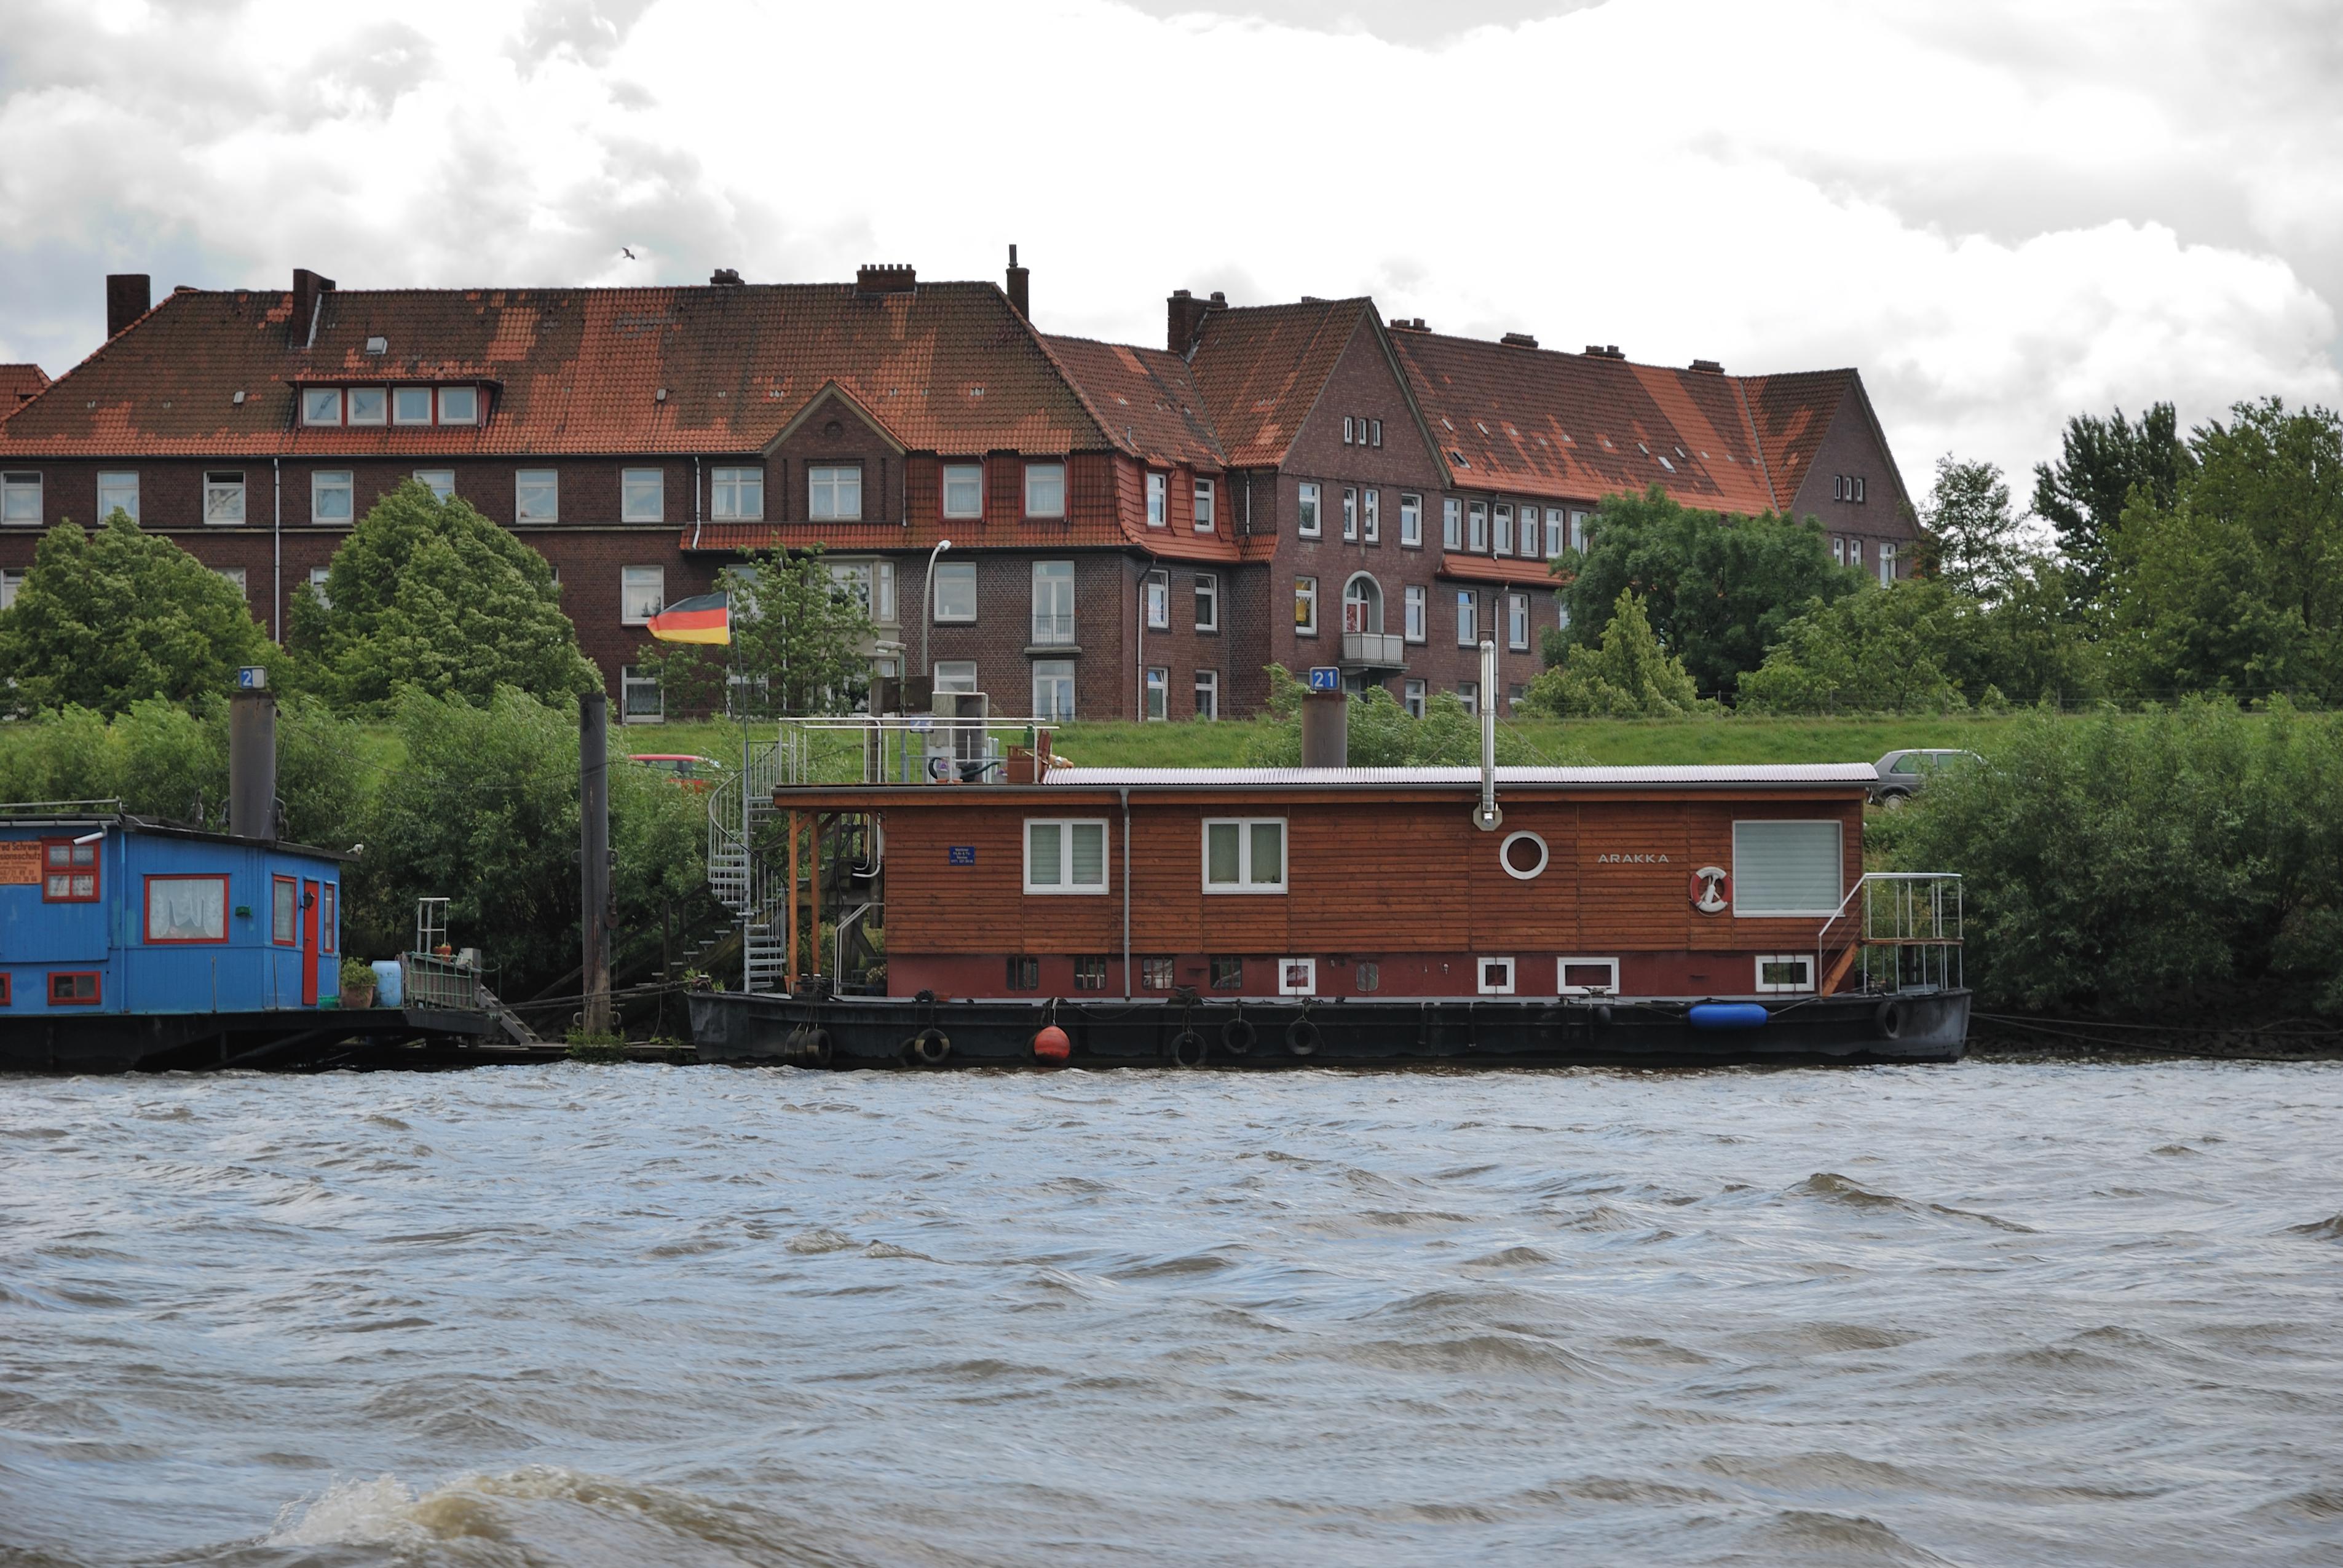 Hausboot Hamburg file hamburger hafen hausboot jpg wikimedia commons